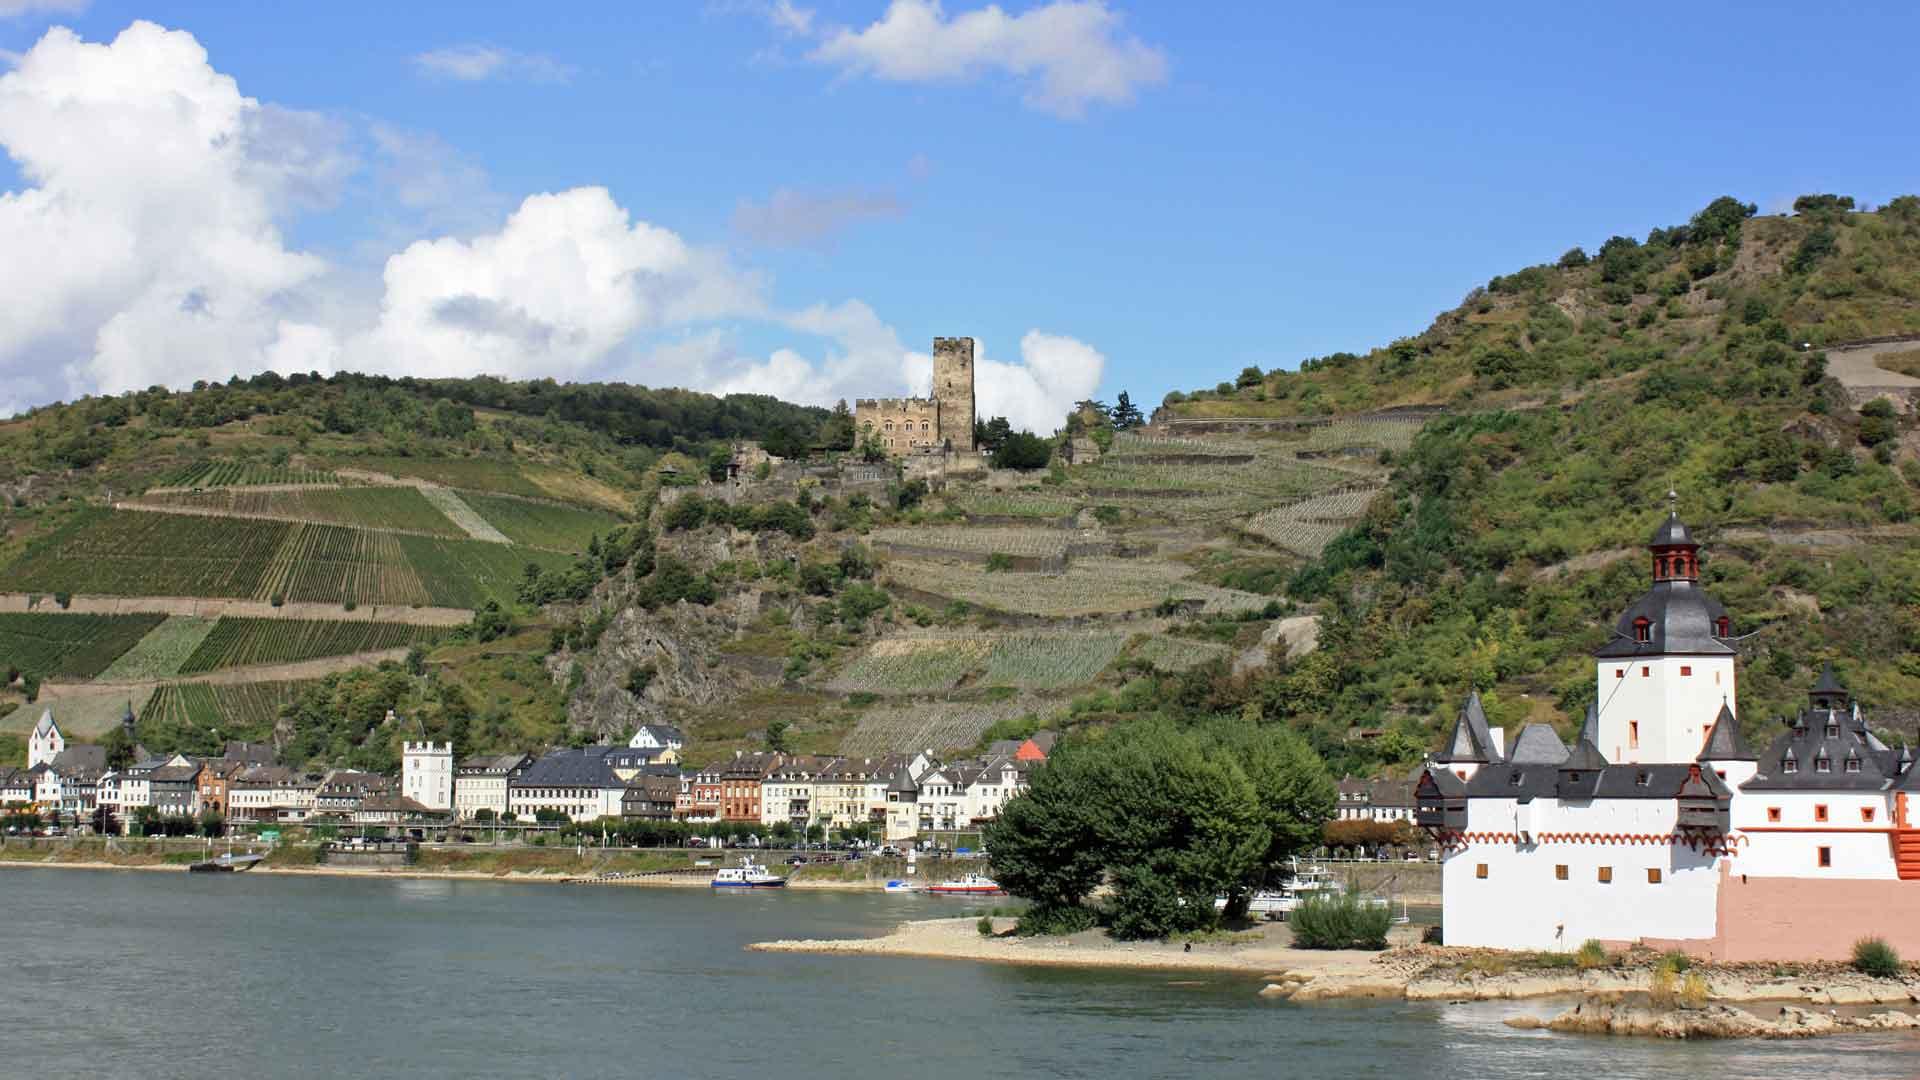 Pfalzgrafenstein ligt op een eilandje in de Rijn bij Kaub.